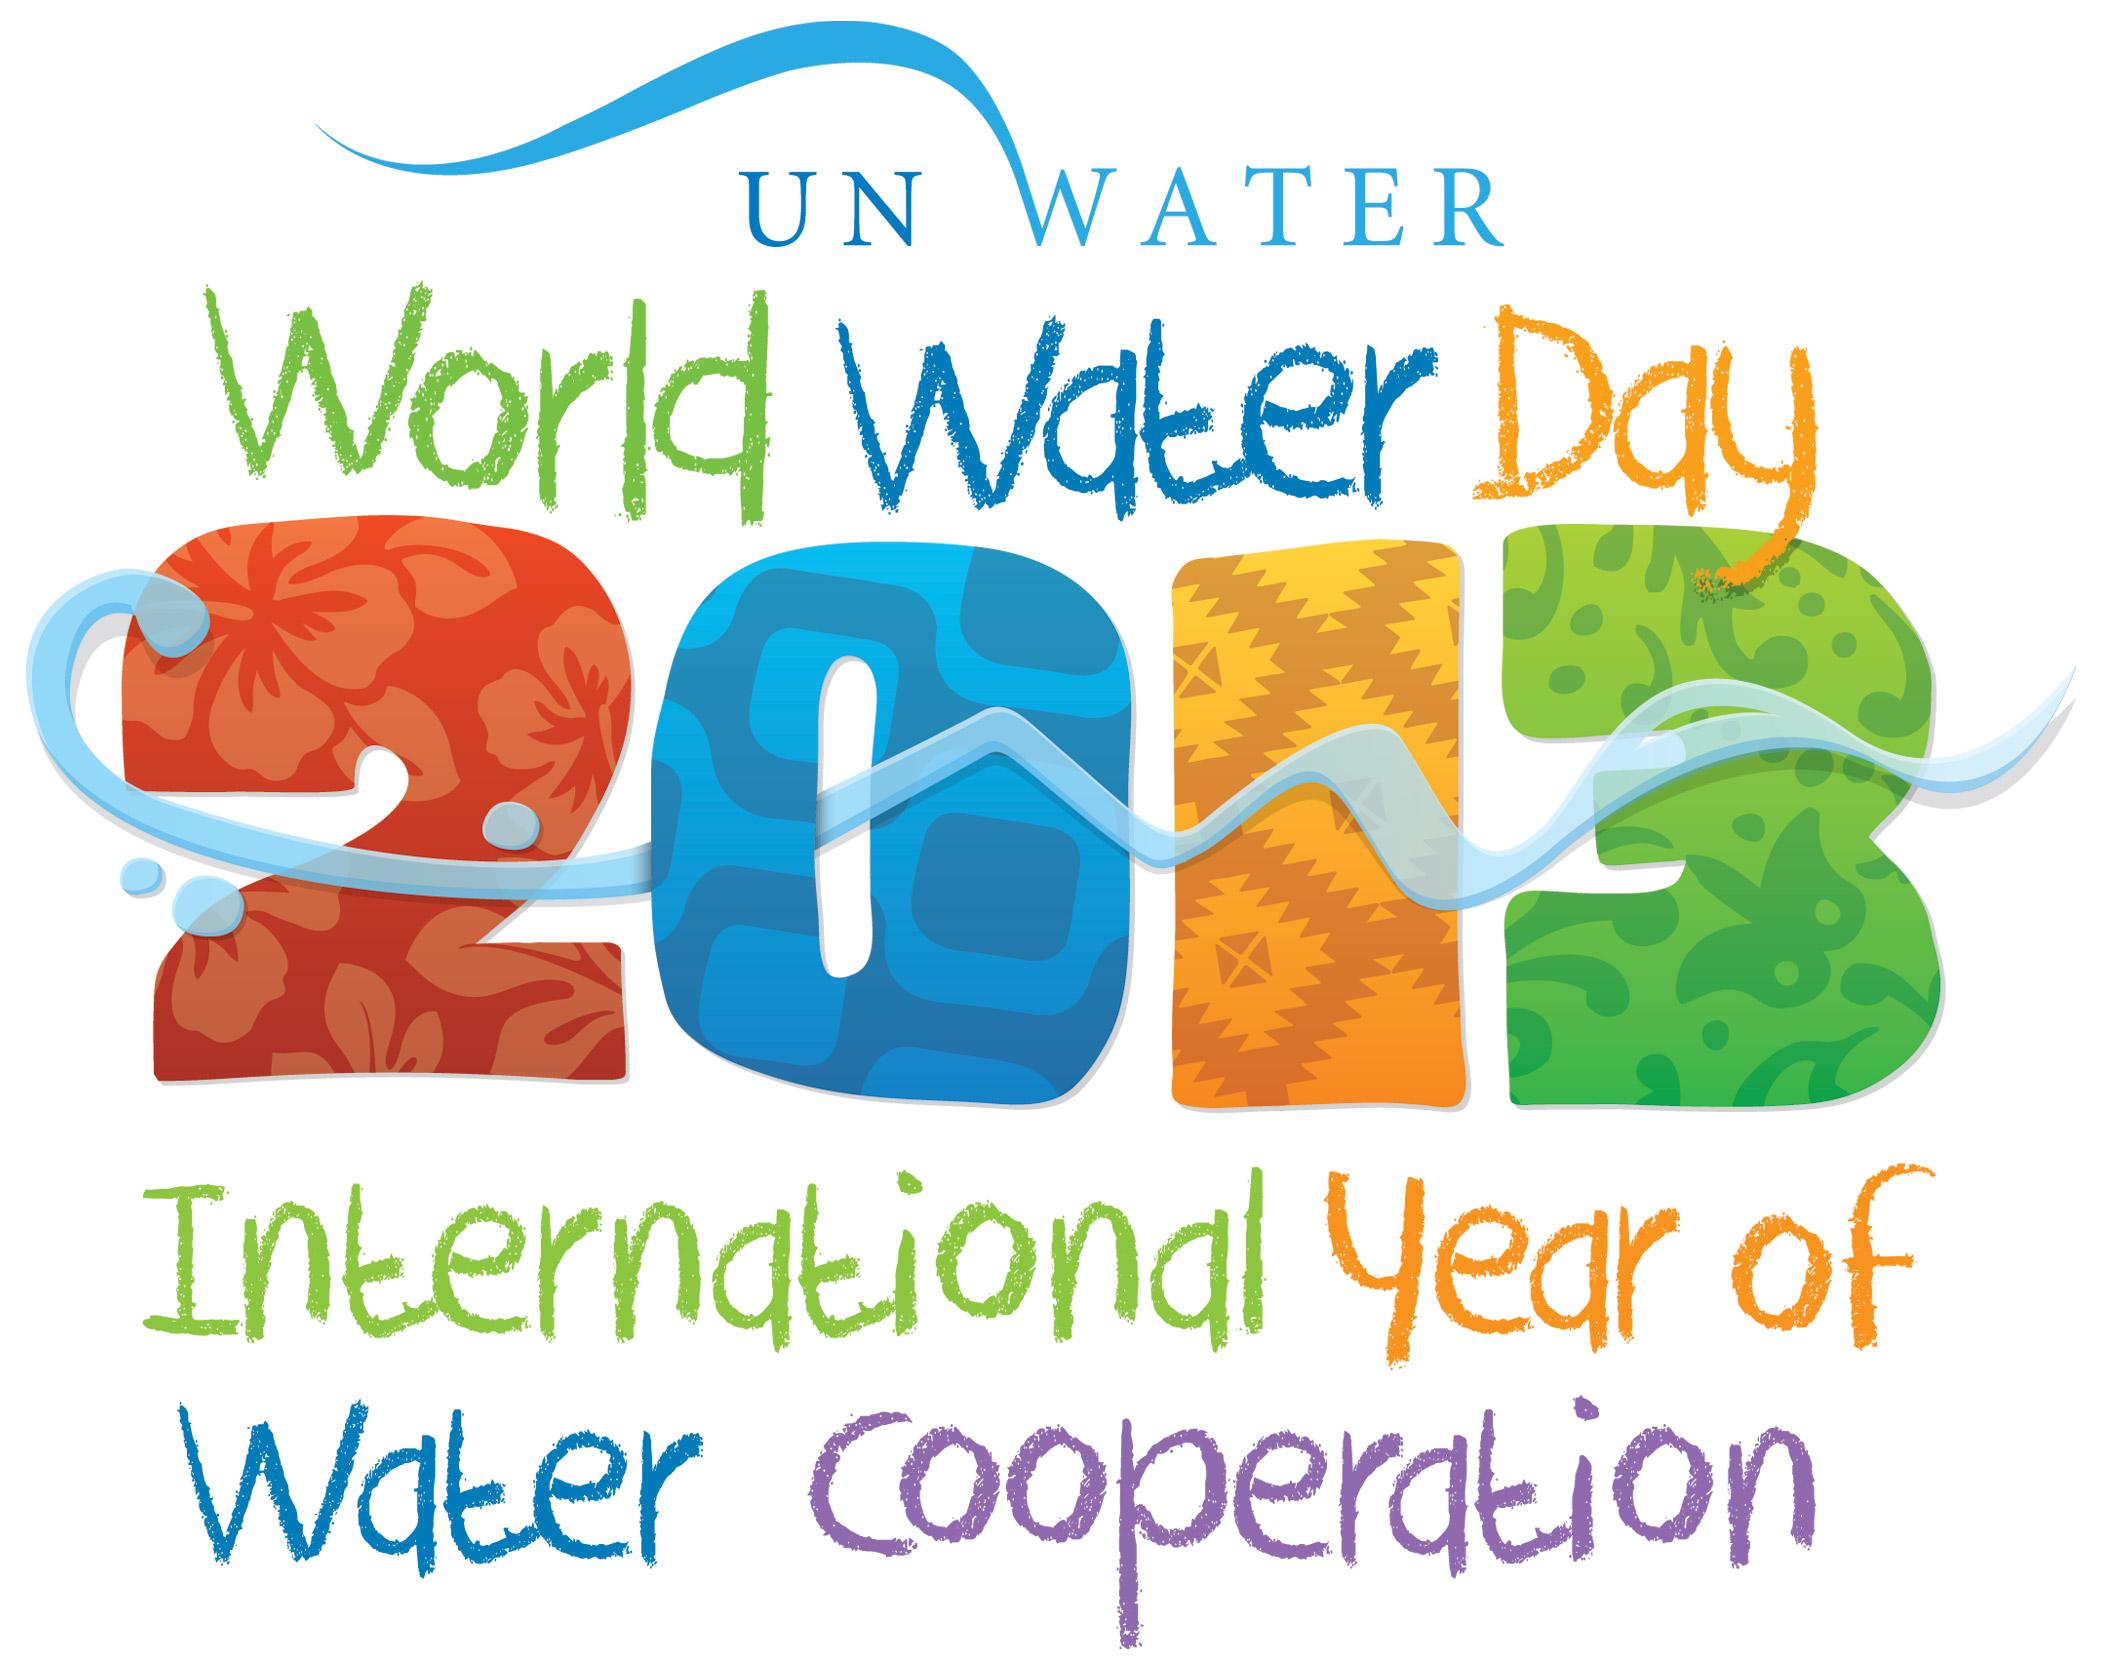 Azi e Ziua Internațională a Apei